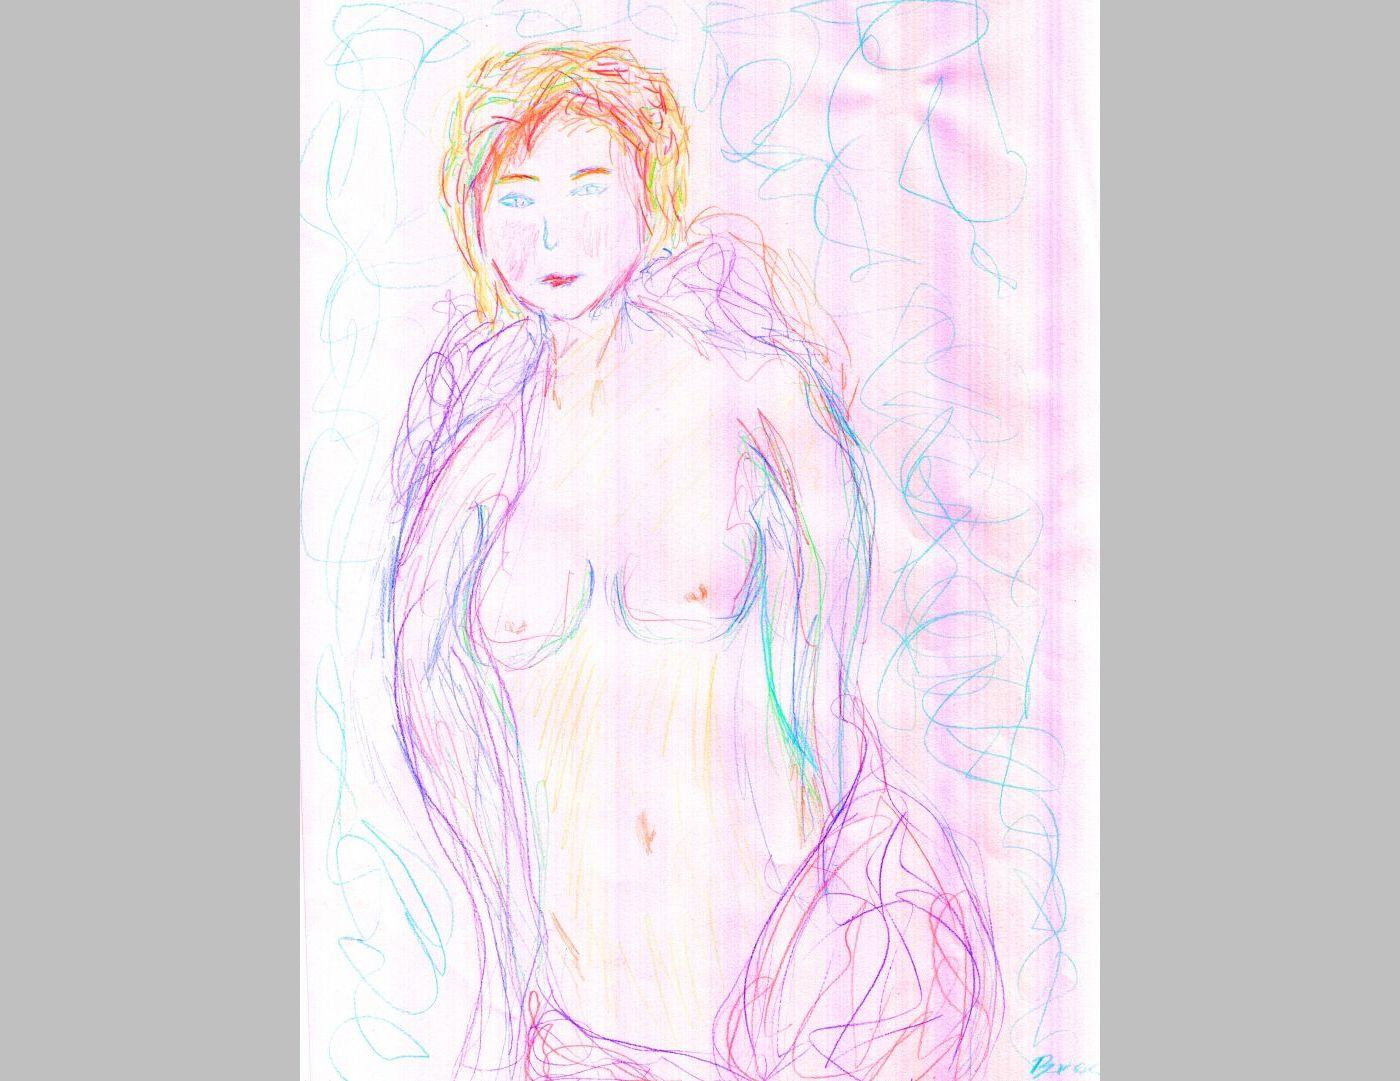 Nachdenkliche Schönheit (Halbakt 2014, 21 x 29,7 cm, A4)